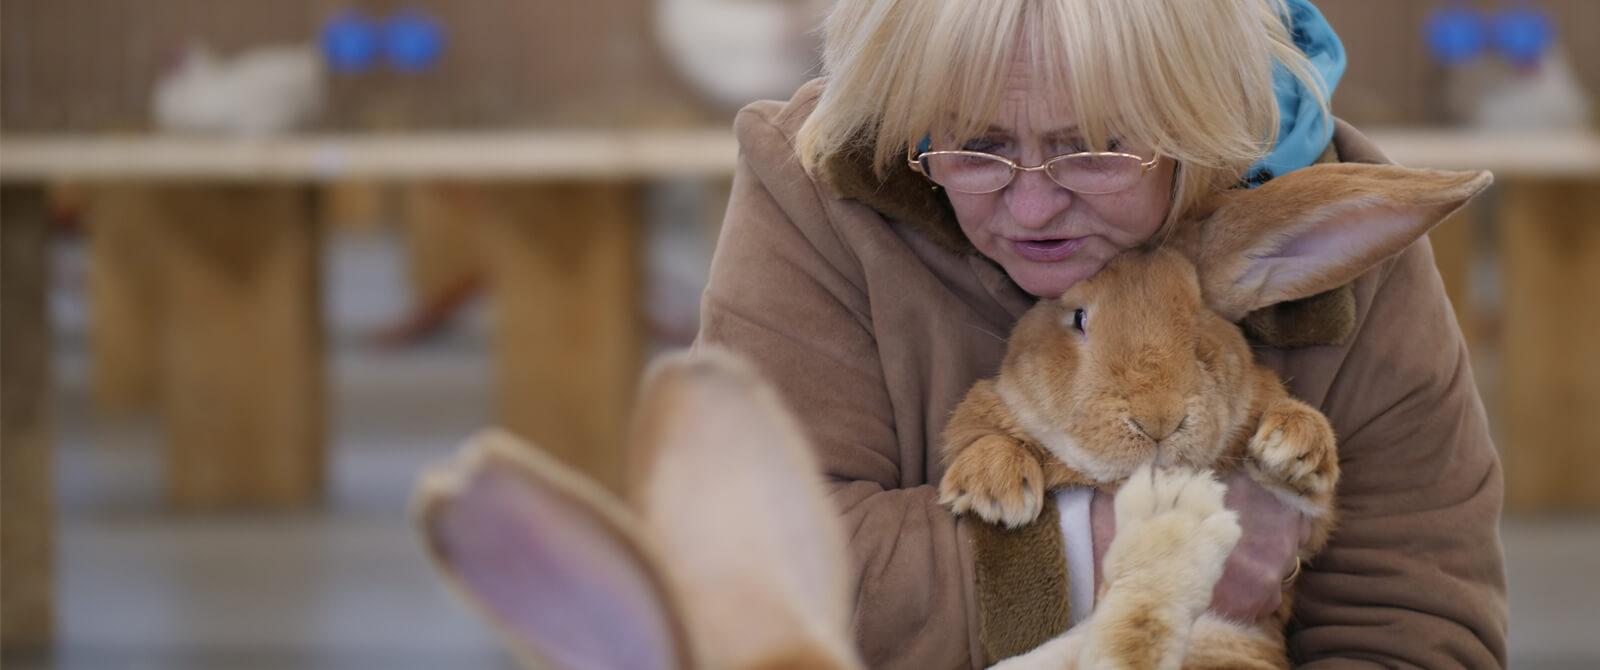 Tarptautinė veislinių gyvūnų paroda 2019